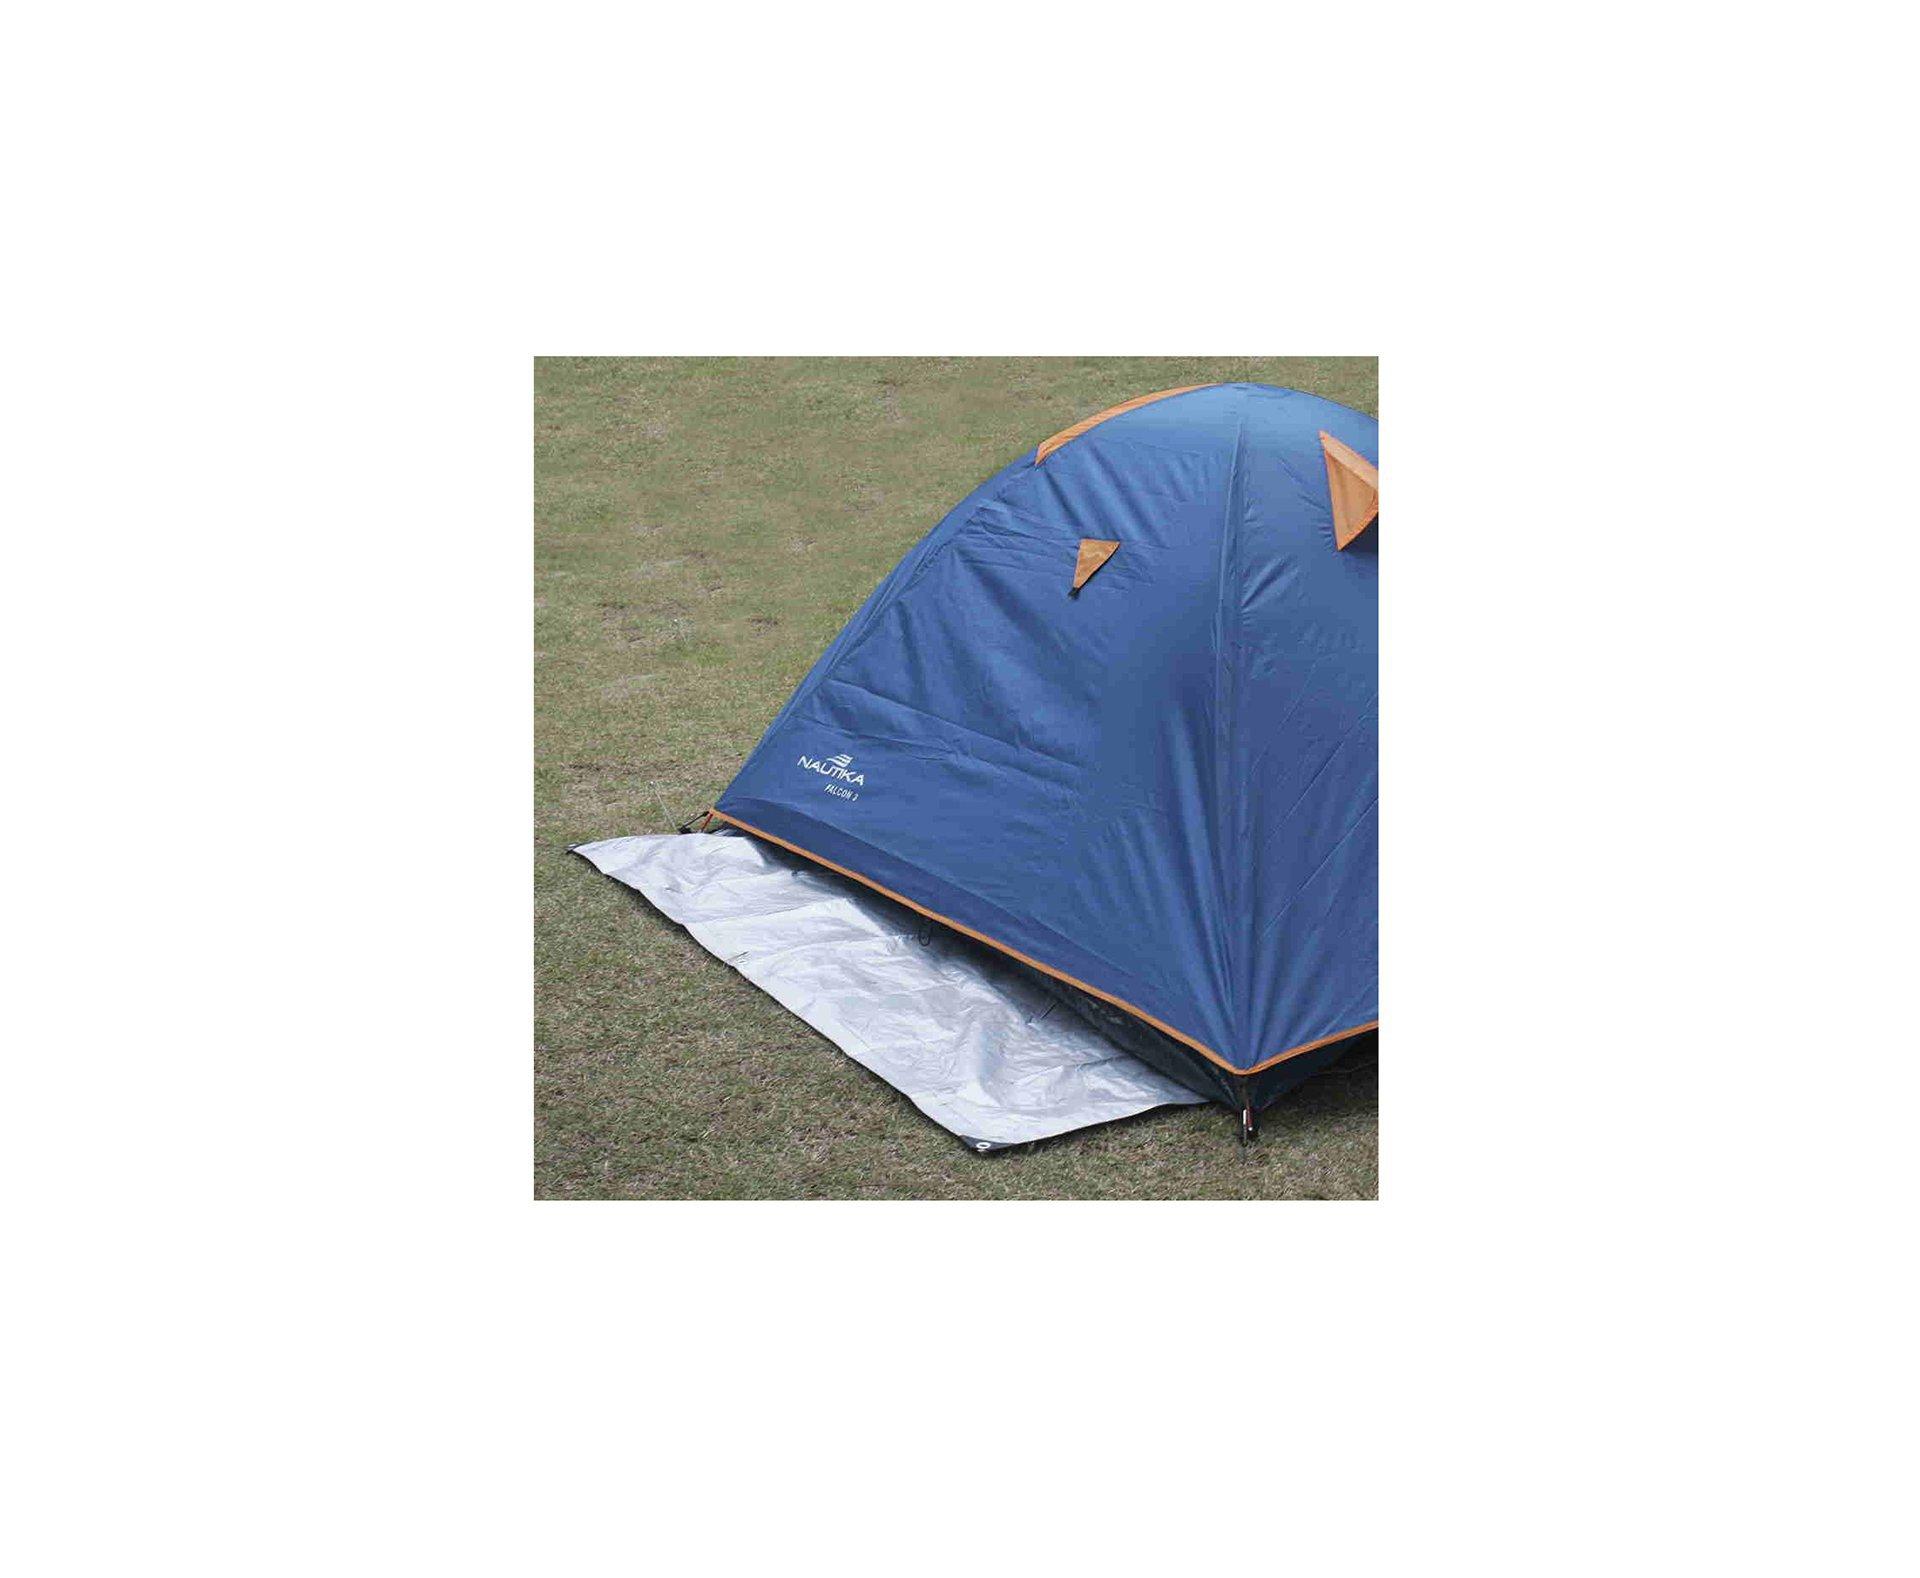 Lona Para Camping Multi-uso 6x5m - Nautika